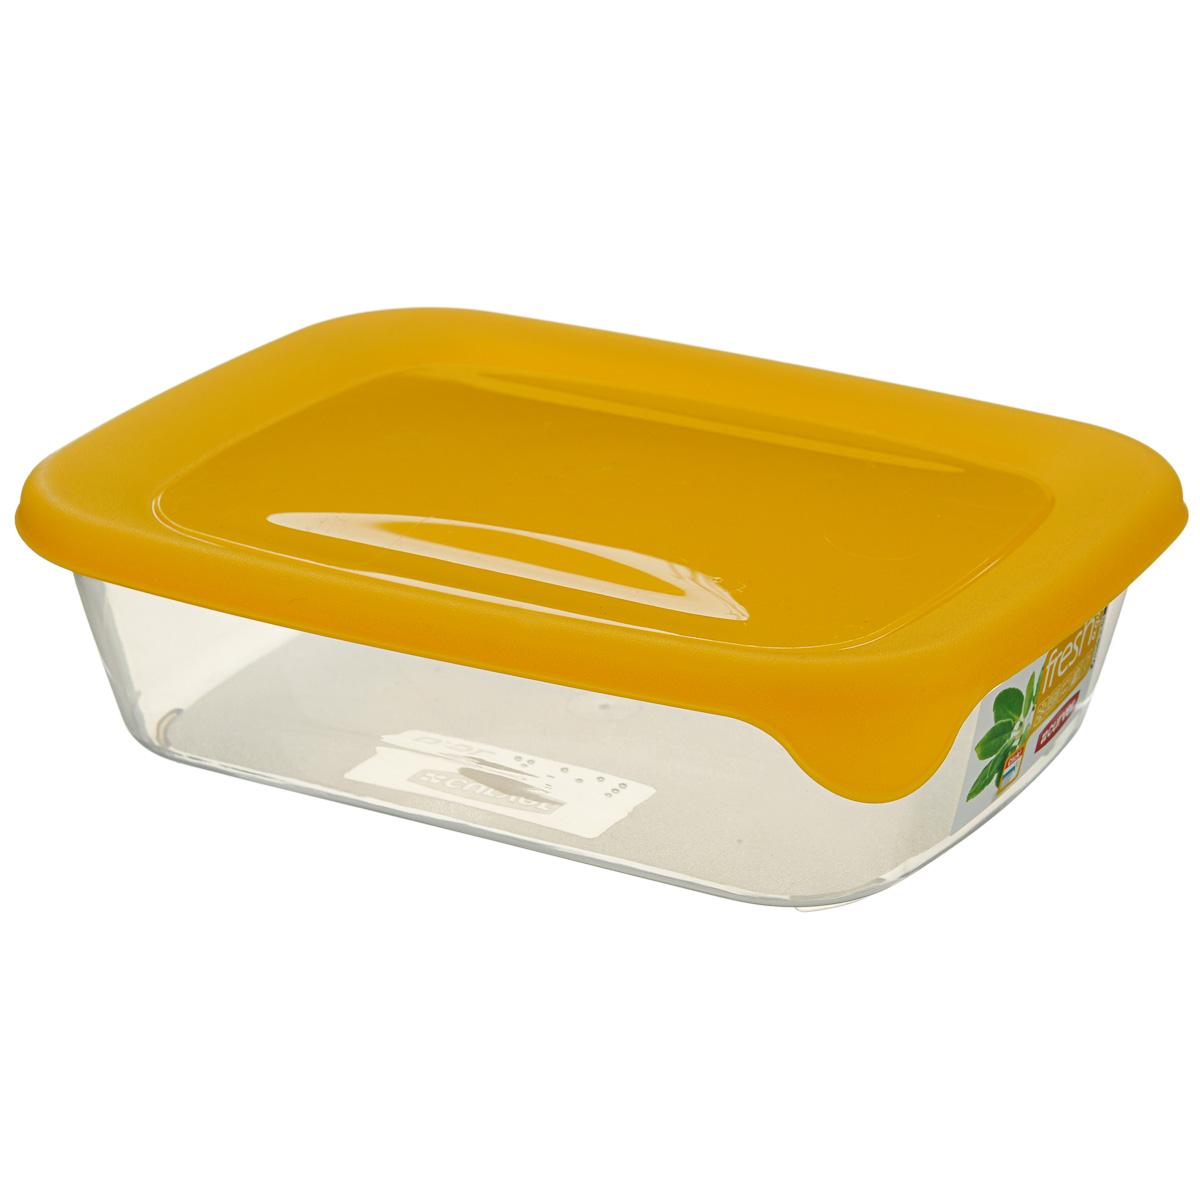 Емкость для заморозки и СВЧ Curver Fresh & Go, цвет: желтый, 1 л00554-007-01Прямоугольная емкость для заморозки и СВЧ Curver Fresh & Go изготовлена из высококачественного пищевого пластика (BPA free), который выдерживает температуру от -40°С до +100°С. Стенки емкости прозрачные, а крышка цветная. Она плотно закрывается, дольше сохраняя продукты свежими и вкусными. Емкость удобно брать с собой на работу, учебу, пикник или просто использовать для хранения пищи в холодильнике. Можно использовать в микроволновой печи и для заморозки в морозильной камере. Можно мыть в посудомоечной машине.